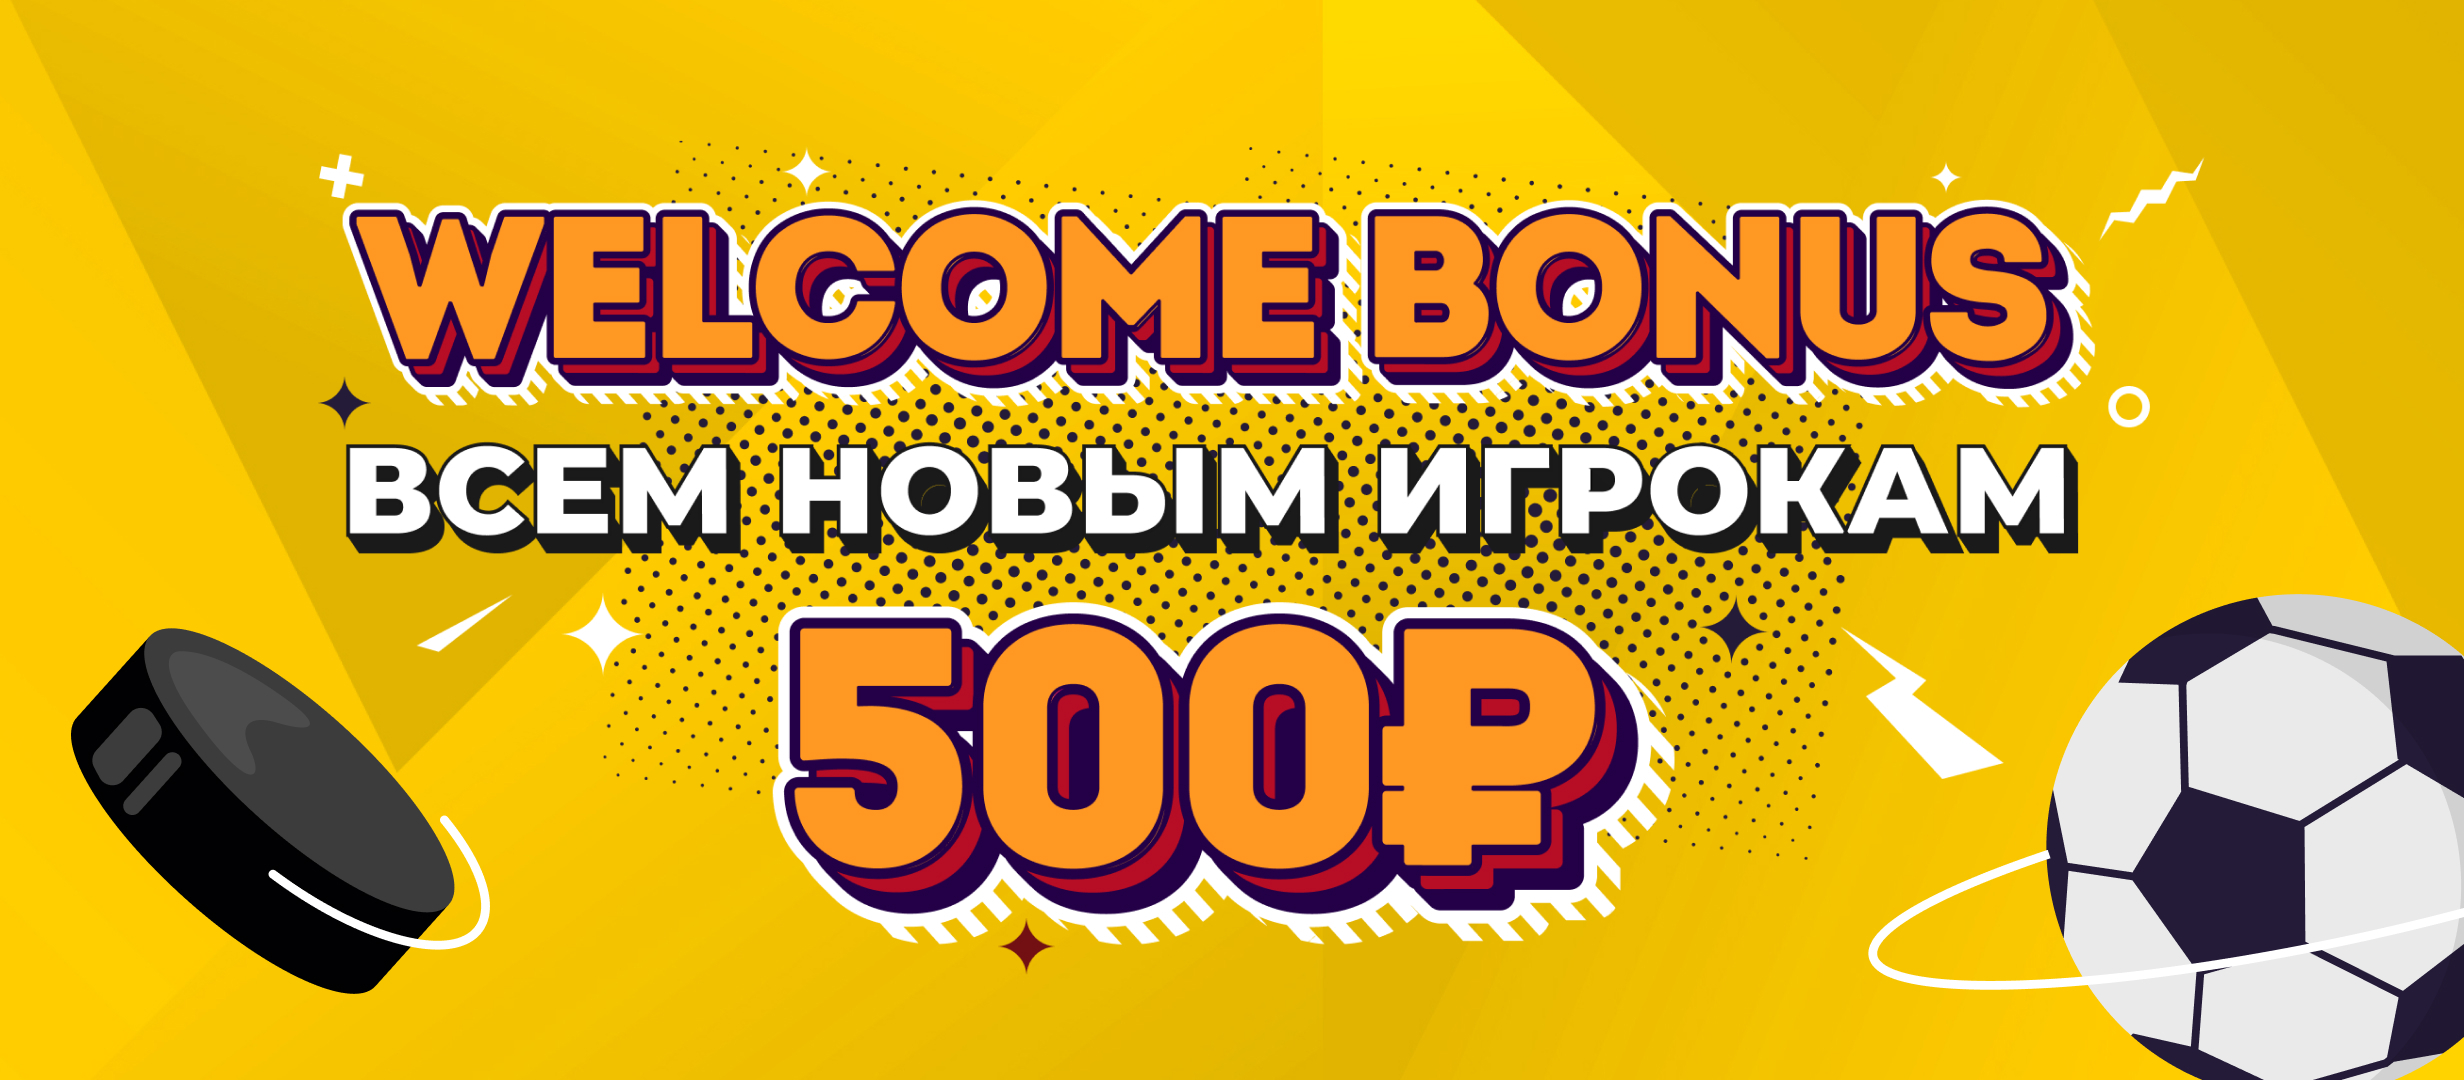 Ставки на спорт 500 рублей за регистрацию скачать лига ставок скачать на компьютер бесплатно